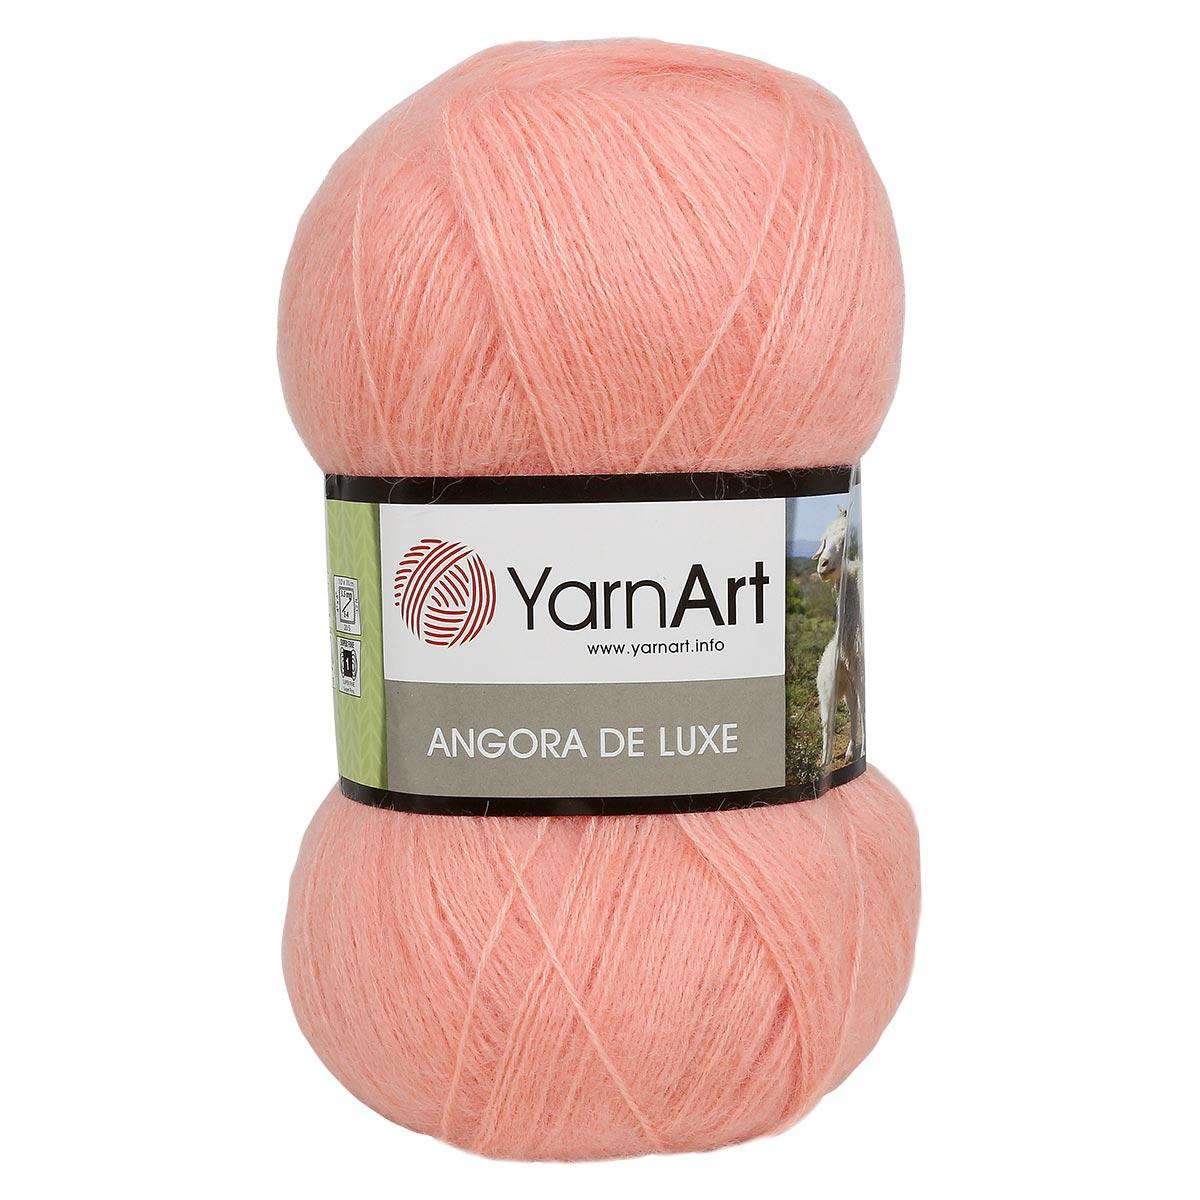 Пряжа YarnArt 'Angora de Lux' 100гр. 520м (70%мохер, 30%акрил)